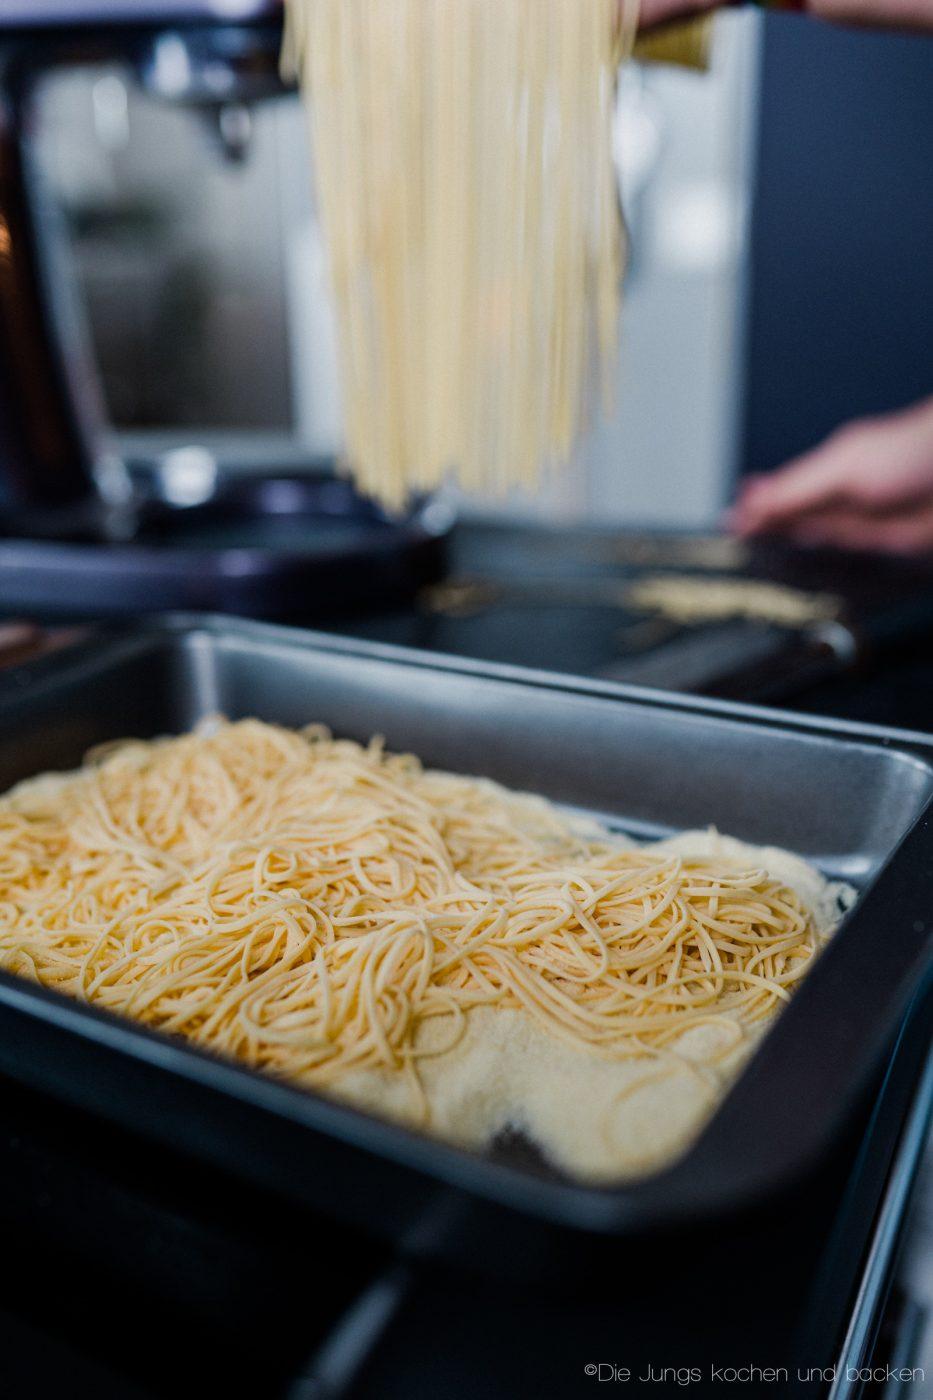 Pasta Grundrezept 15 | Wir beide essen wirklich selten Pasta. Nicht, weil wir sie nicht mögen ... ganz im Gegenteil, sondern weil wir unter der Woche immer mehr versuchen, nicht zu viele Kohlenhydrate zu futtern. Aber so ganz klappt das natürlich nicht immer. Da wollen wir mal ganz ehrlich sein. Wenn wir dann aber Nudeln kochen wollen, dann sind die aus selbst gemachtem Pastateig mittlerweile Pflicht.